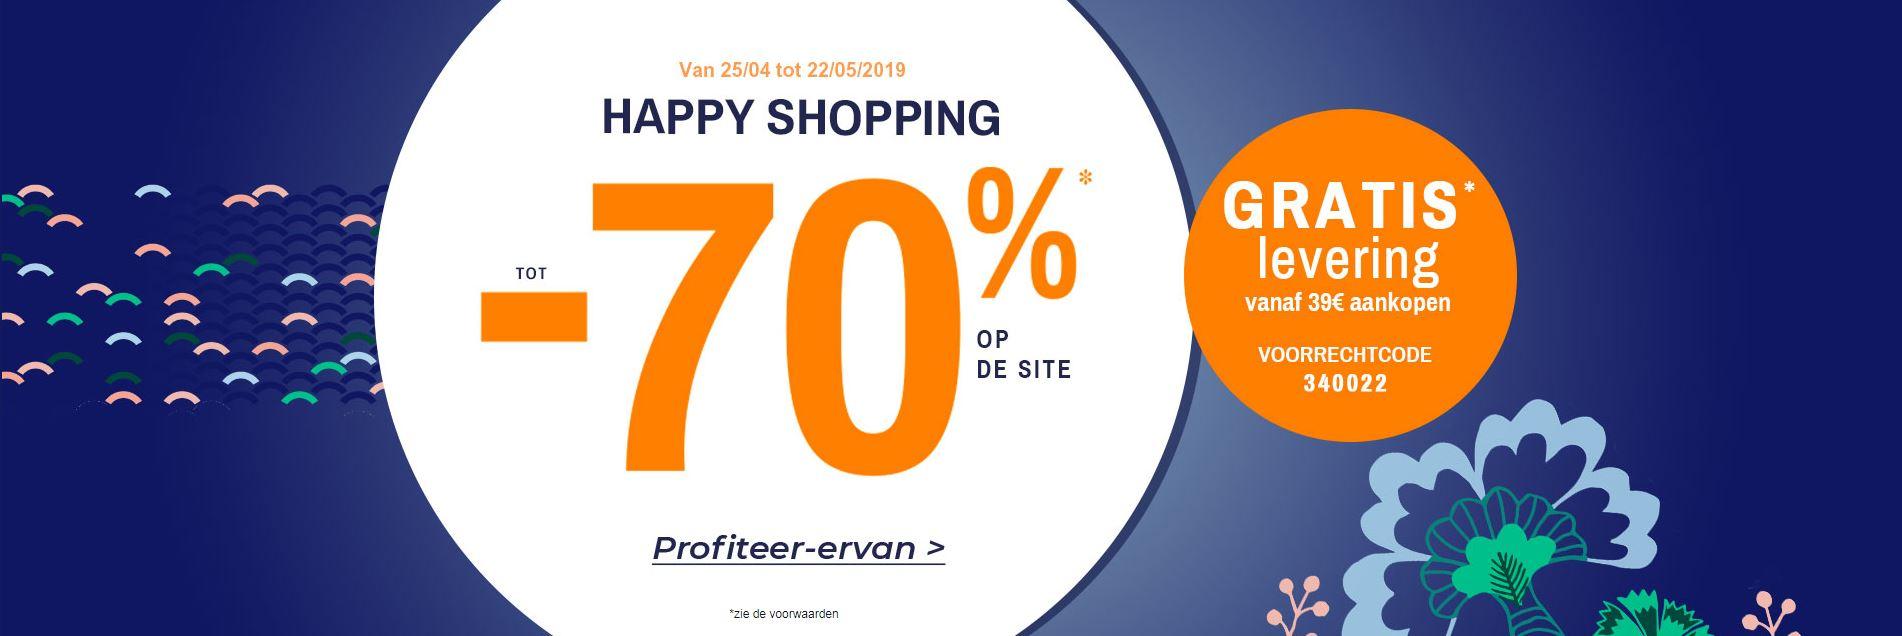 Happy Shopping bij Blancheporte: tot 70% korting op de site!